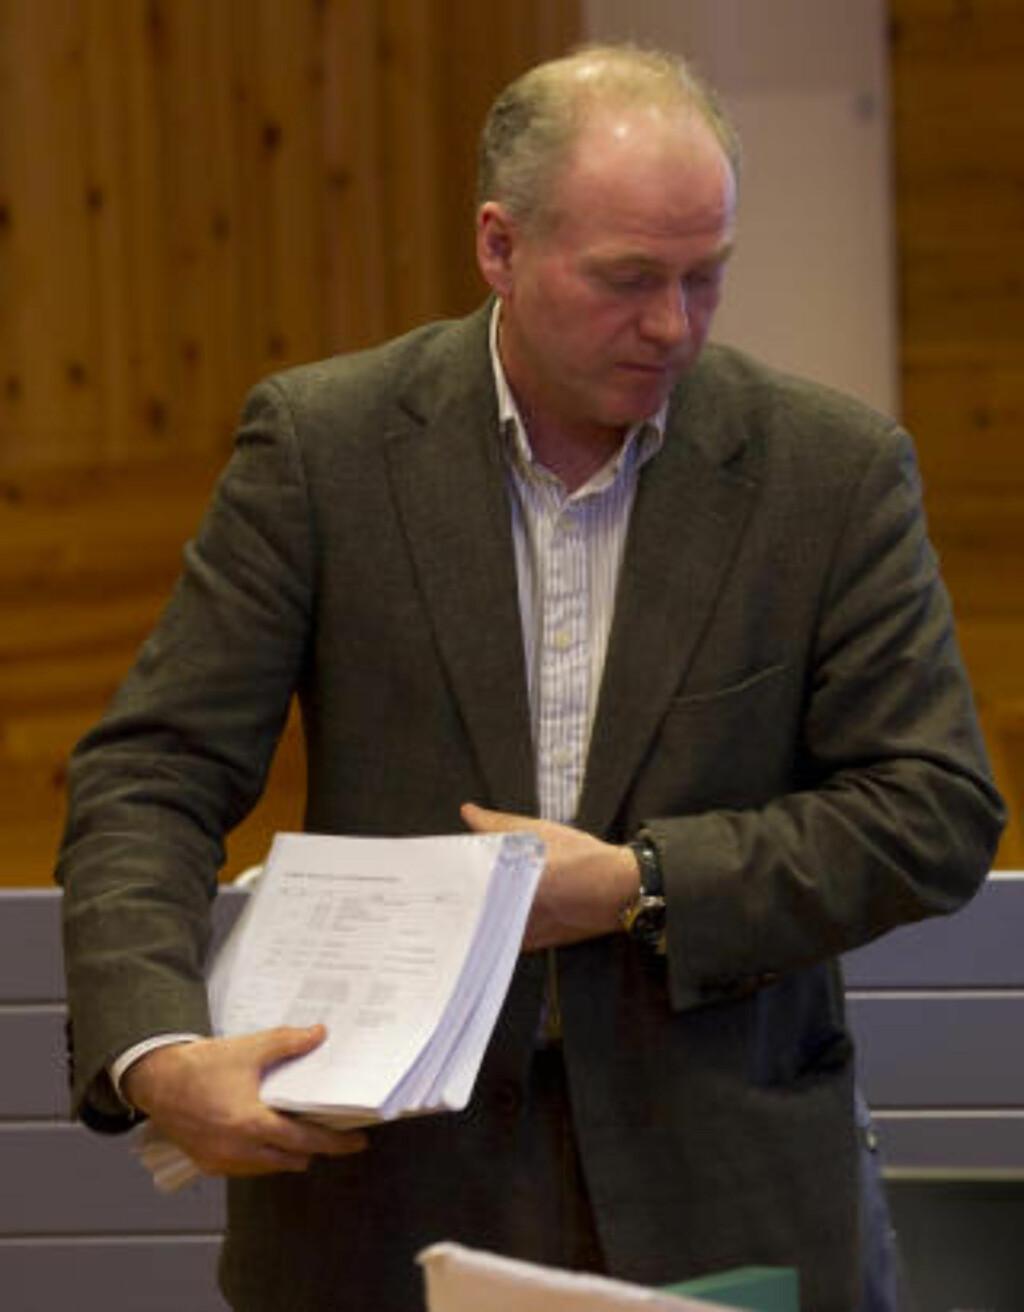 ERFAREN: Terje Tørrissen anses som en erfaren psykiater og var sakkyndig blant annet under rettssaken om overgrepssaken i Alvdal. Foto: Morten Holm / SCANPIX